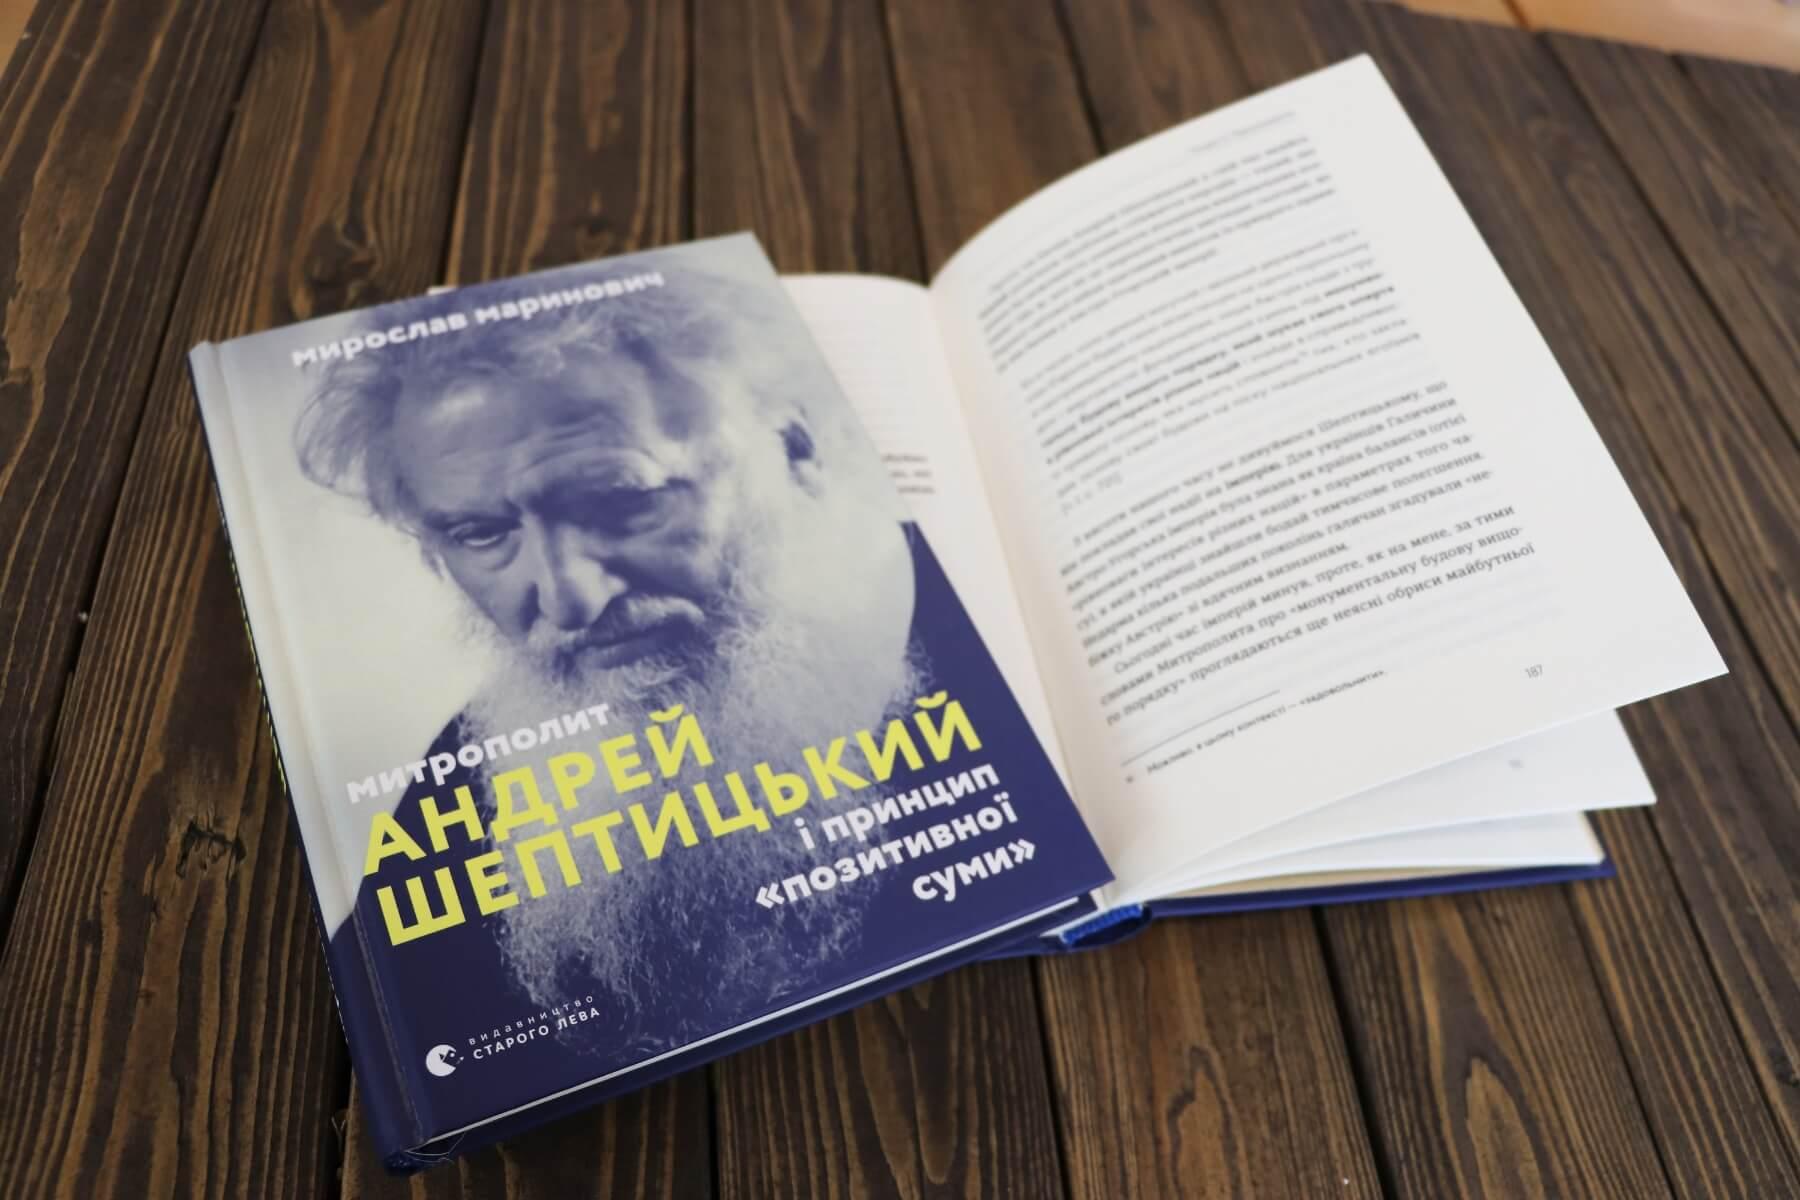 Уривок з книжки «Митрополит Андрей Шептицький і принцип «позитивної суми»